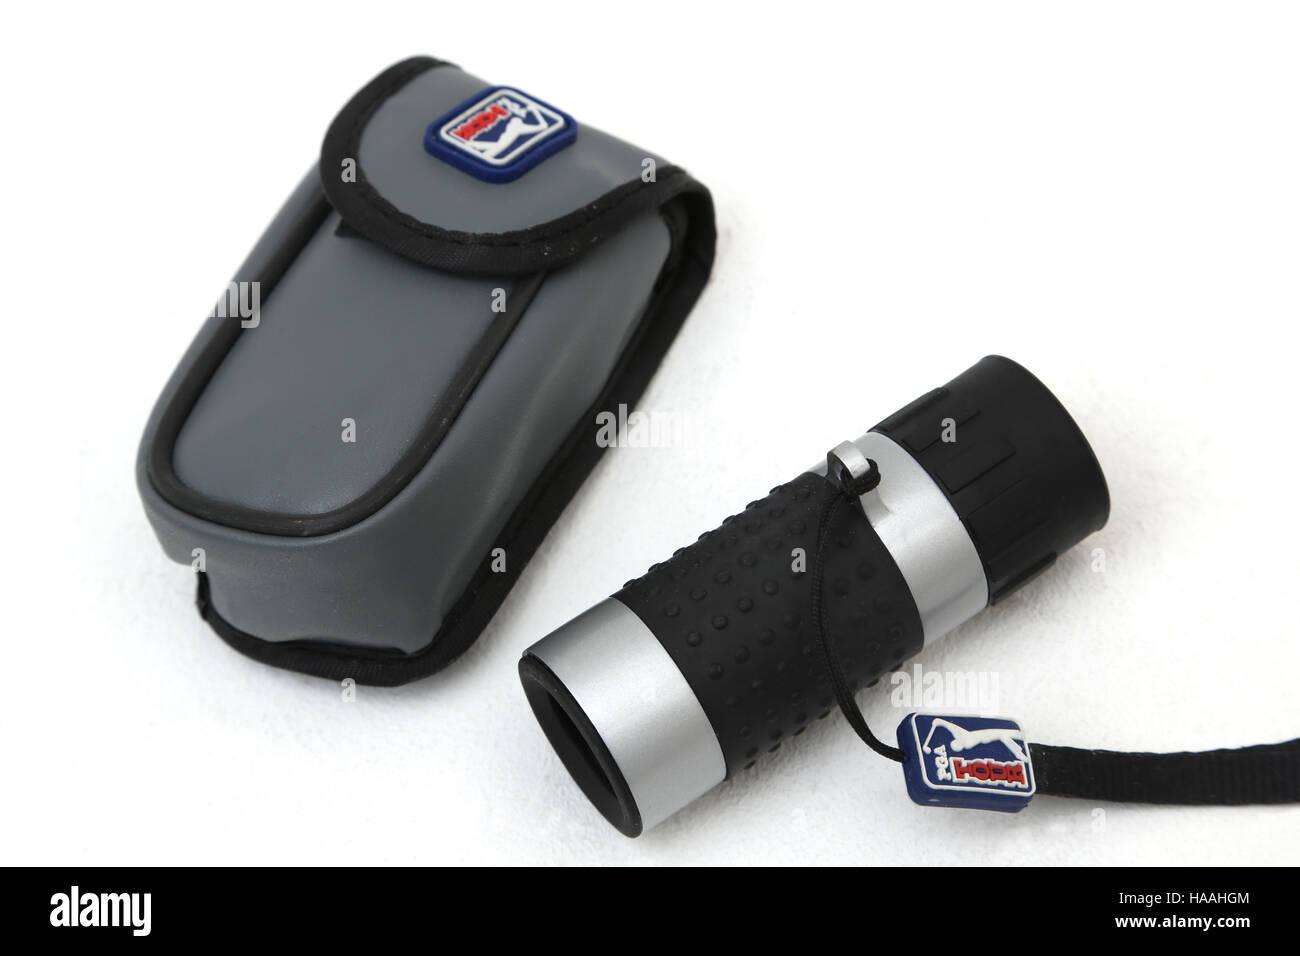 Golf Entfernungsmesser Vergleich : Golf entfernungsmesser gps oder laser knigge